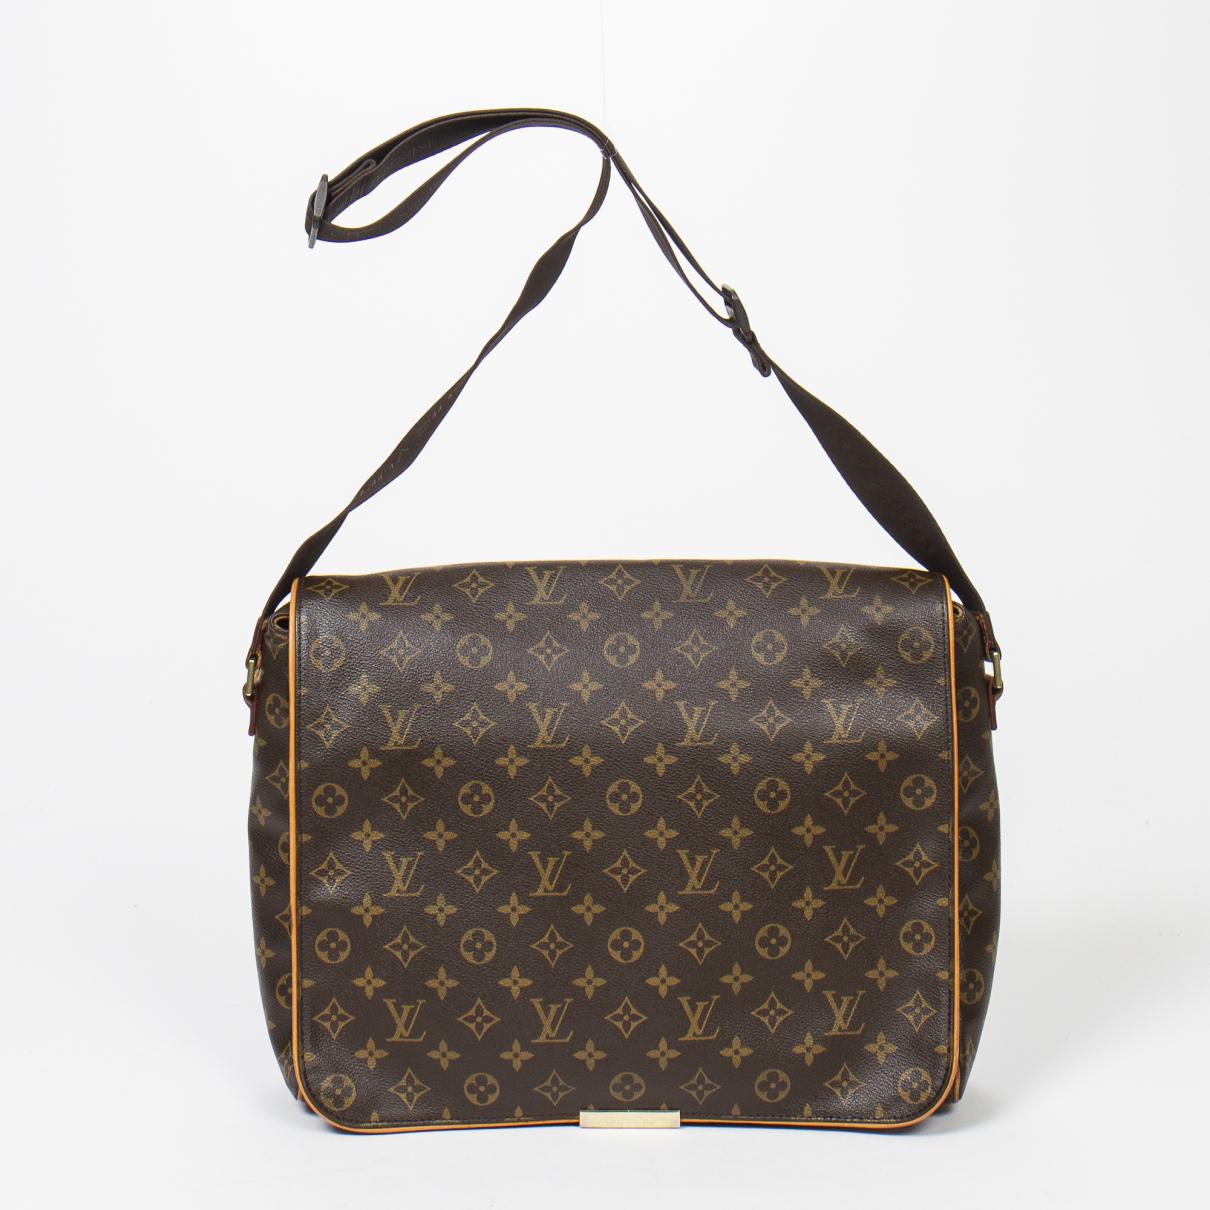 Louis Vuitton \N Brown Cotton handbag for Women \N